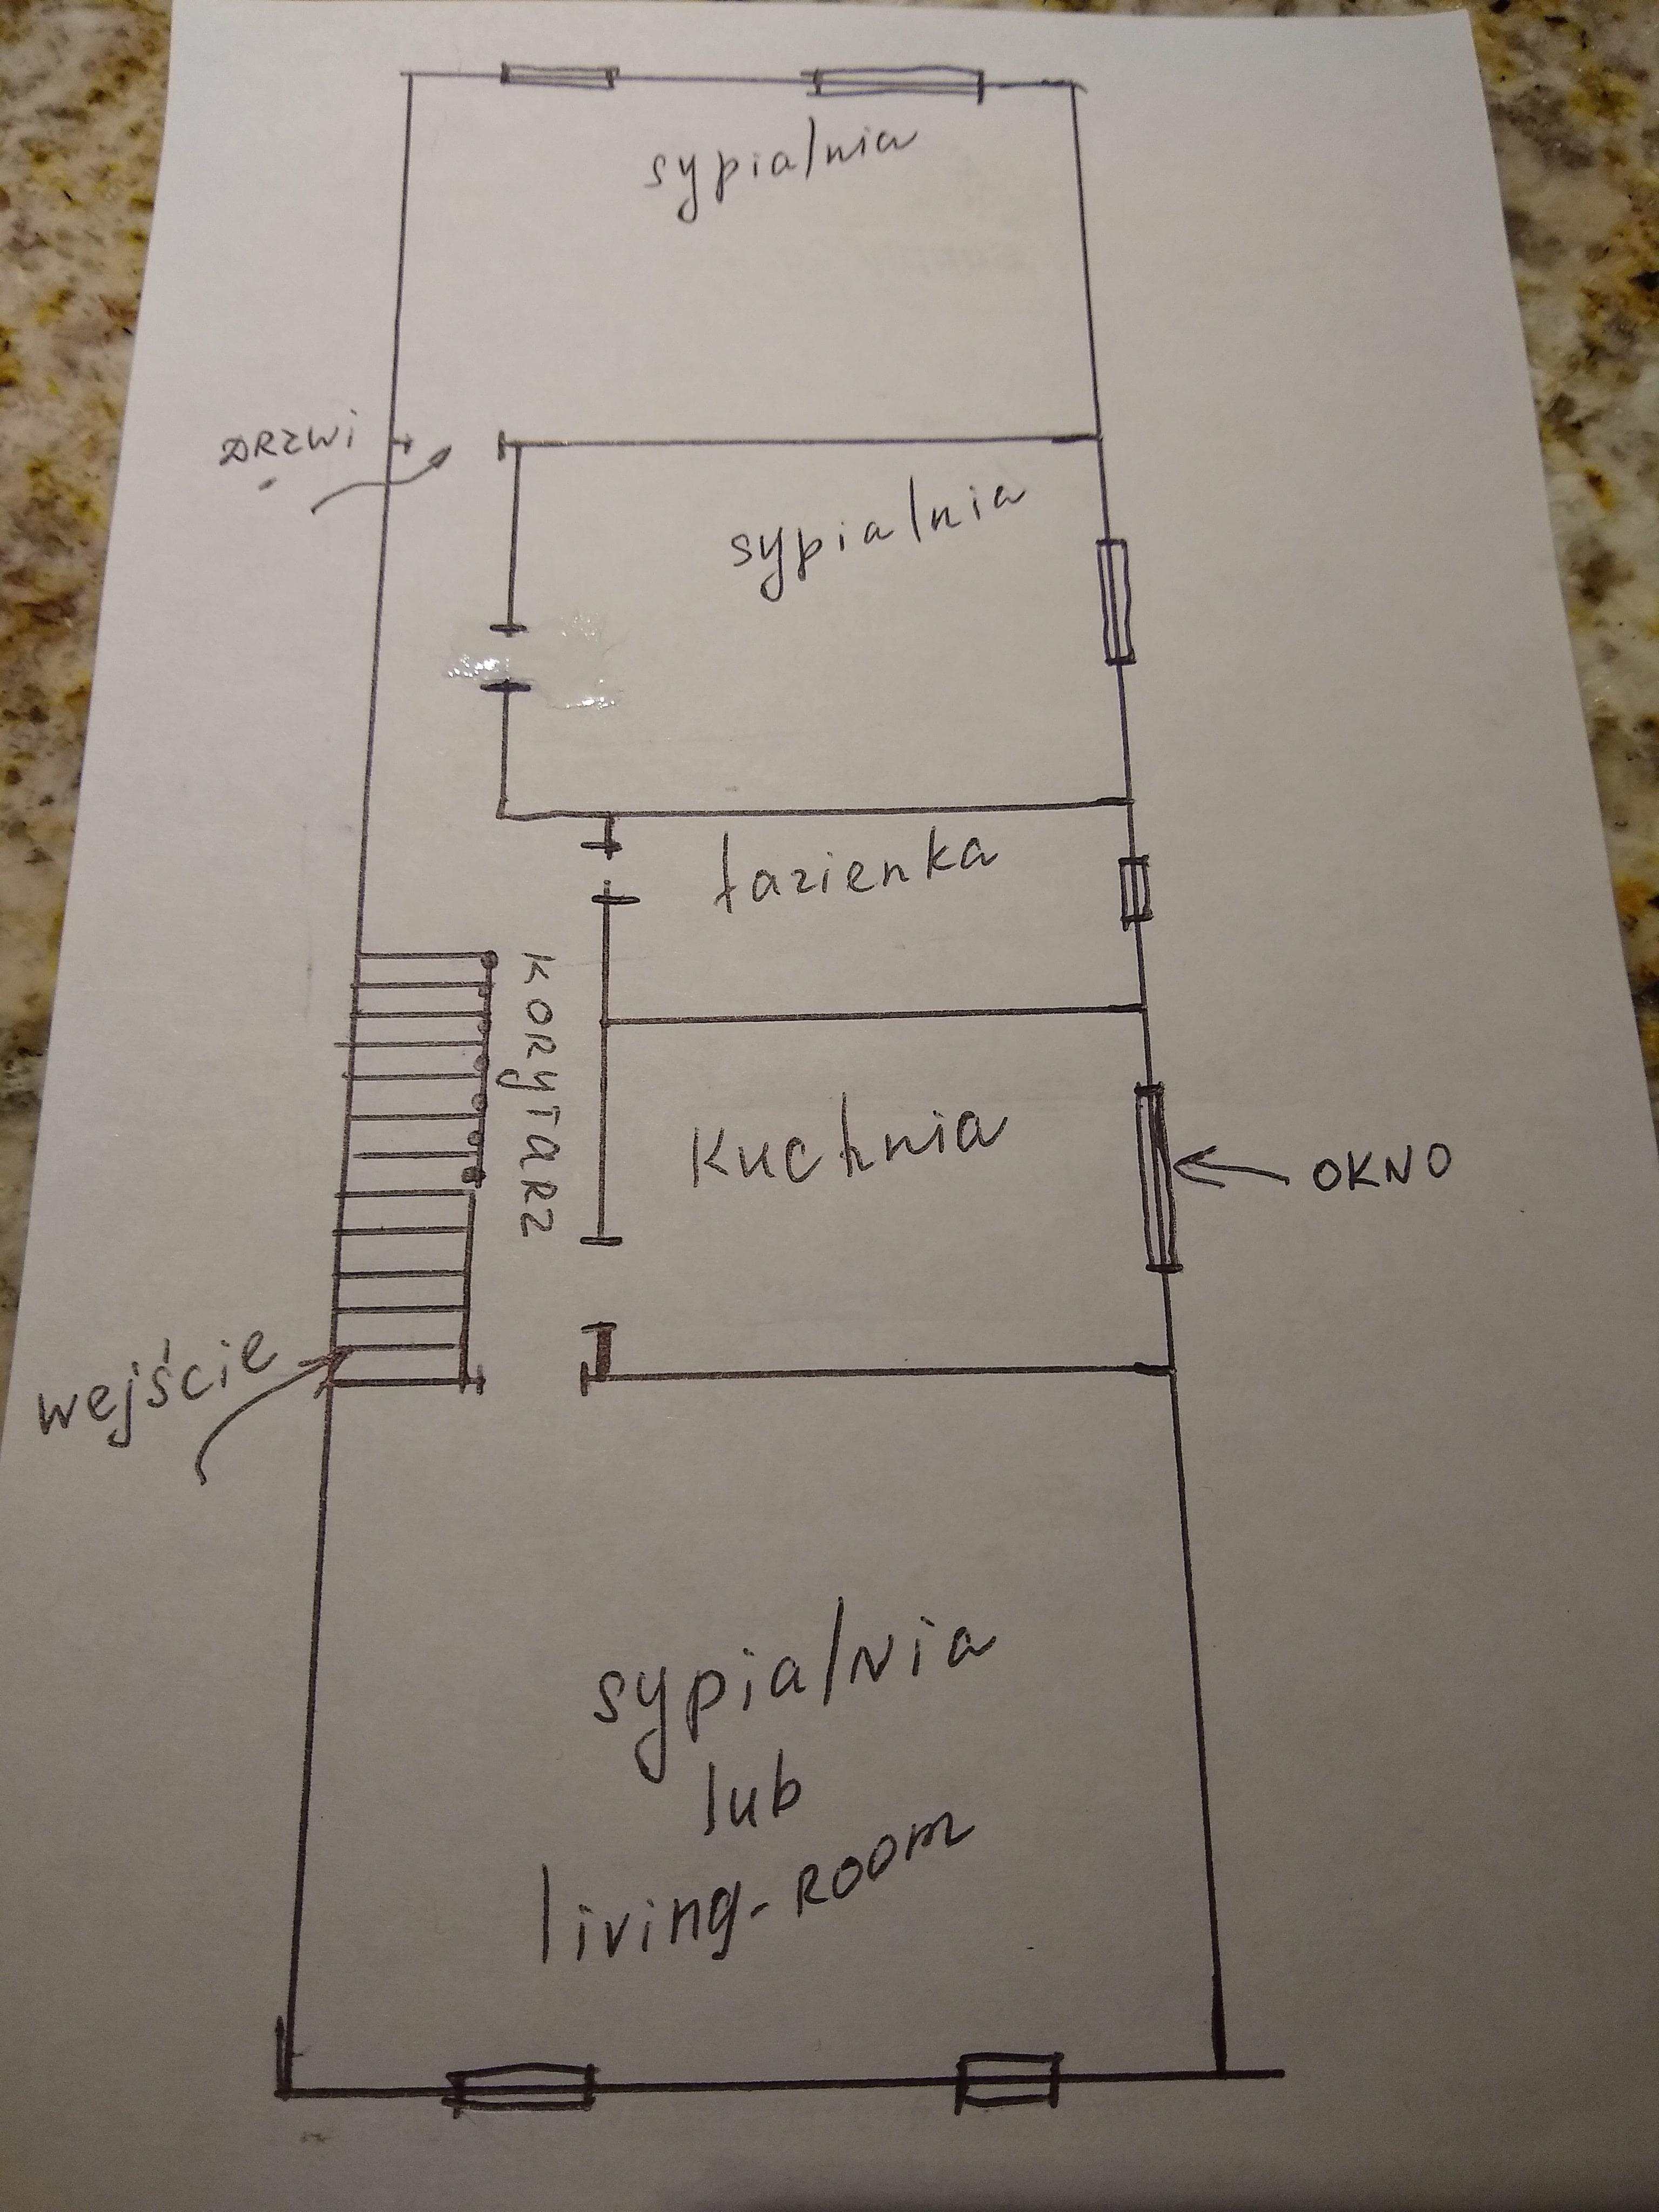 Ogłoszenie darmowe. Lokalizacja:  Lawrence. MIESZKANIA - Na wynajem. 3 pokojowy apartament w lawrence.